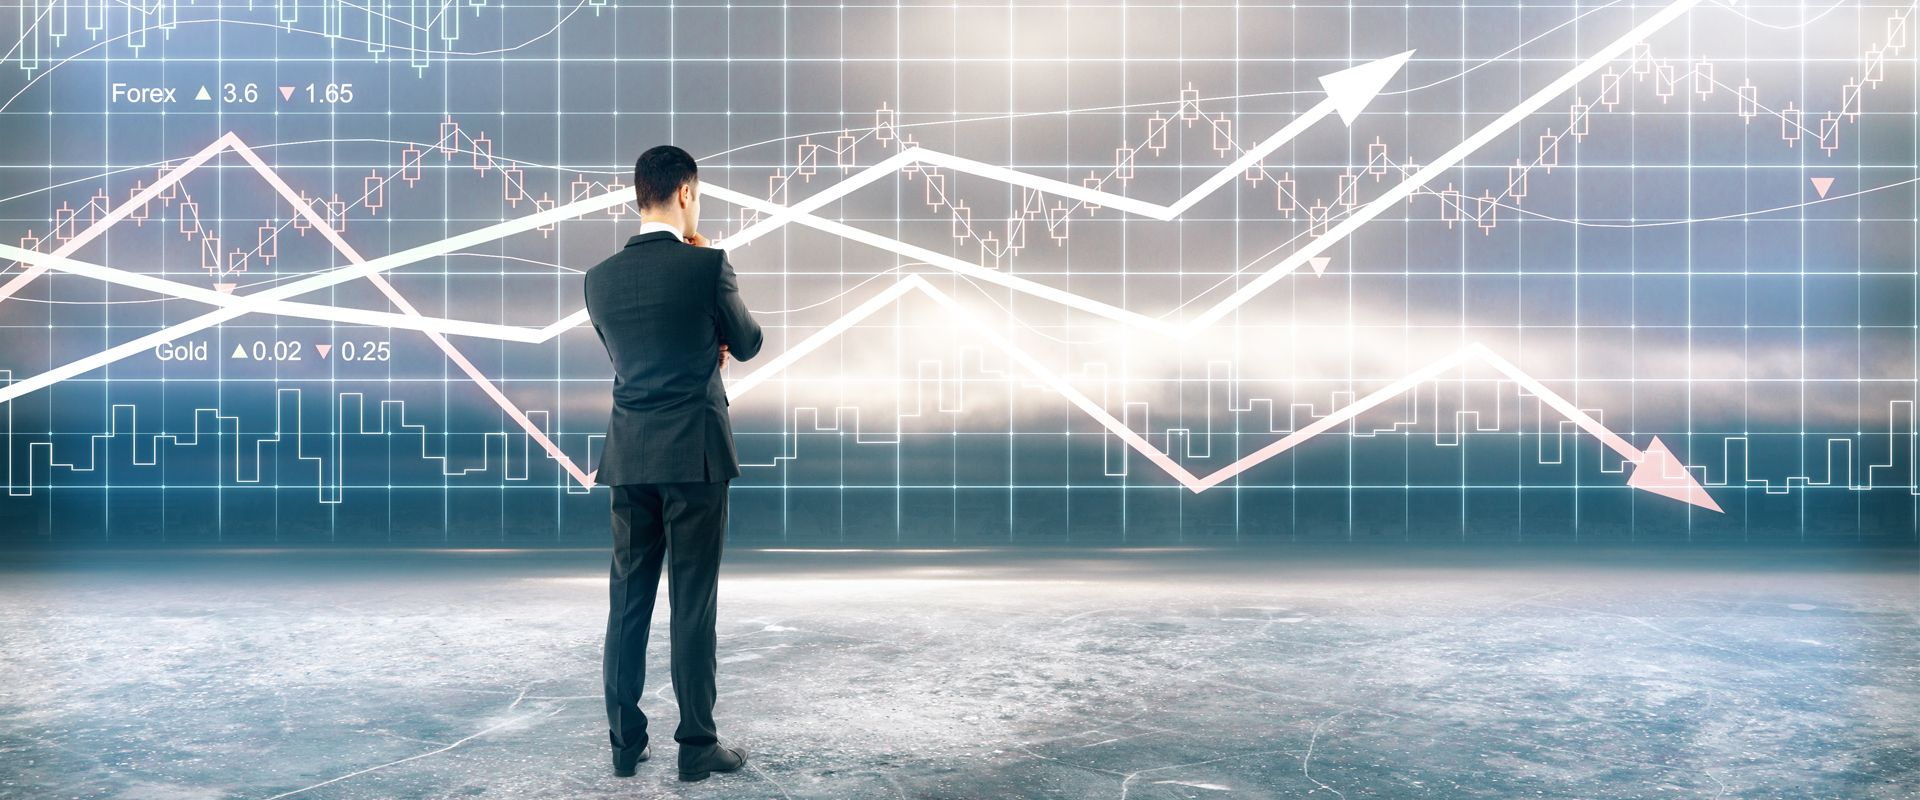 中国富豪炒股报告:富豪正降低炒房炒股比重,持现金比70%,5%有钱人成功逃顶